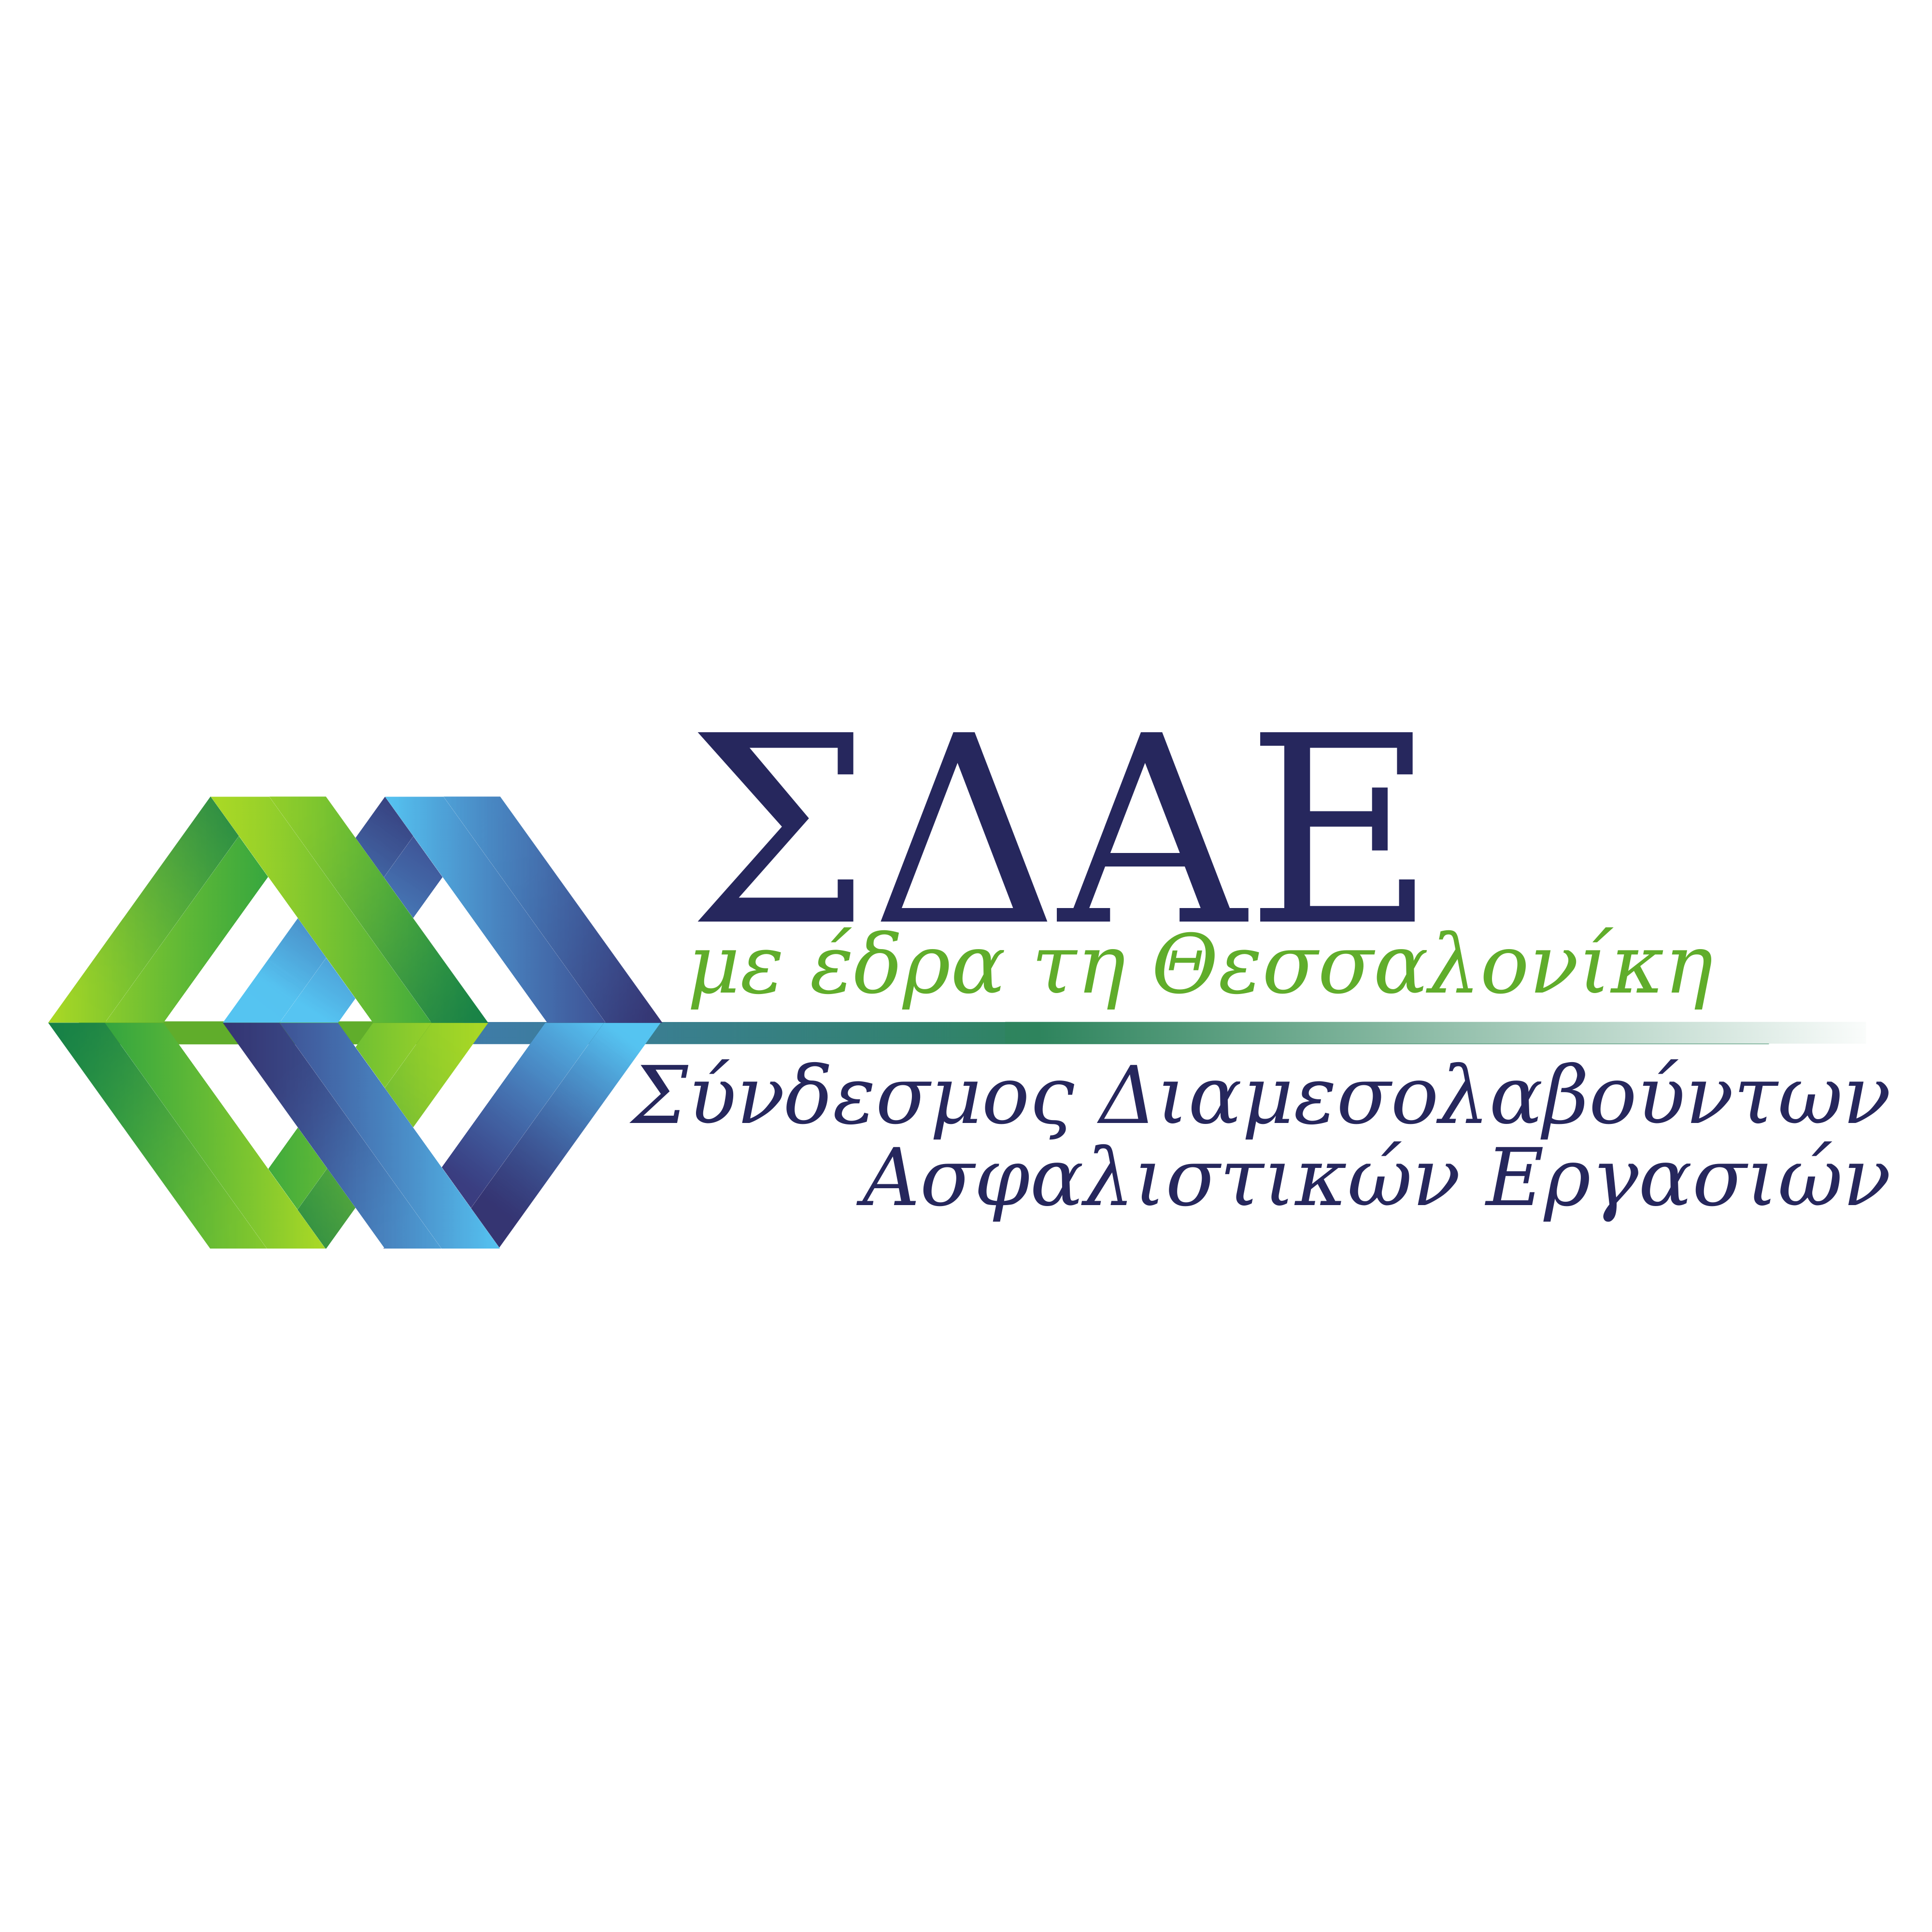 Νέο-Λογότυπο-ΣΔΑΕ-Τετράγωνο-λευκό-φόντο-1